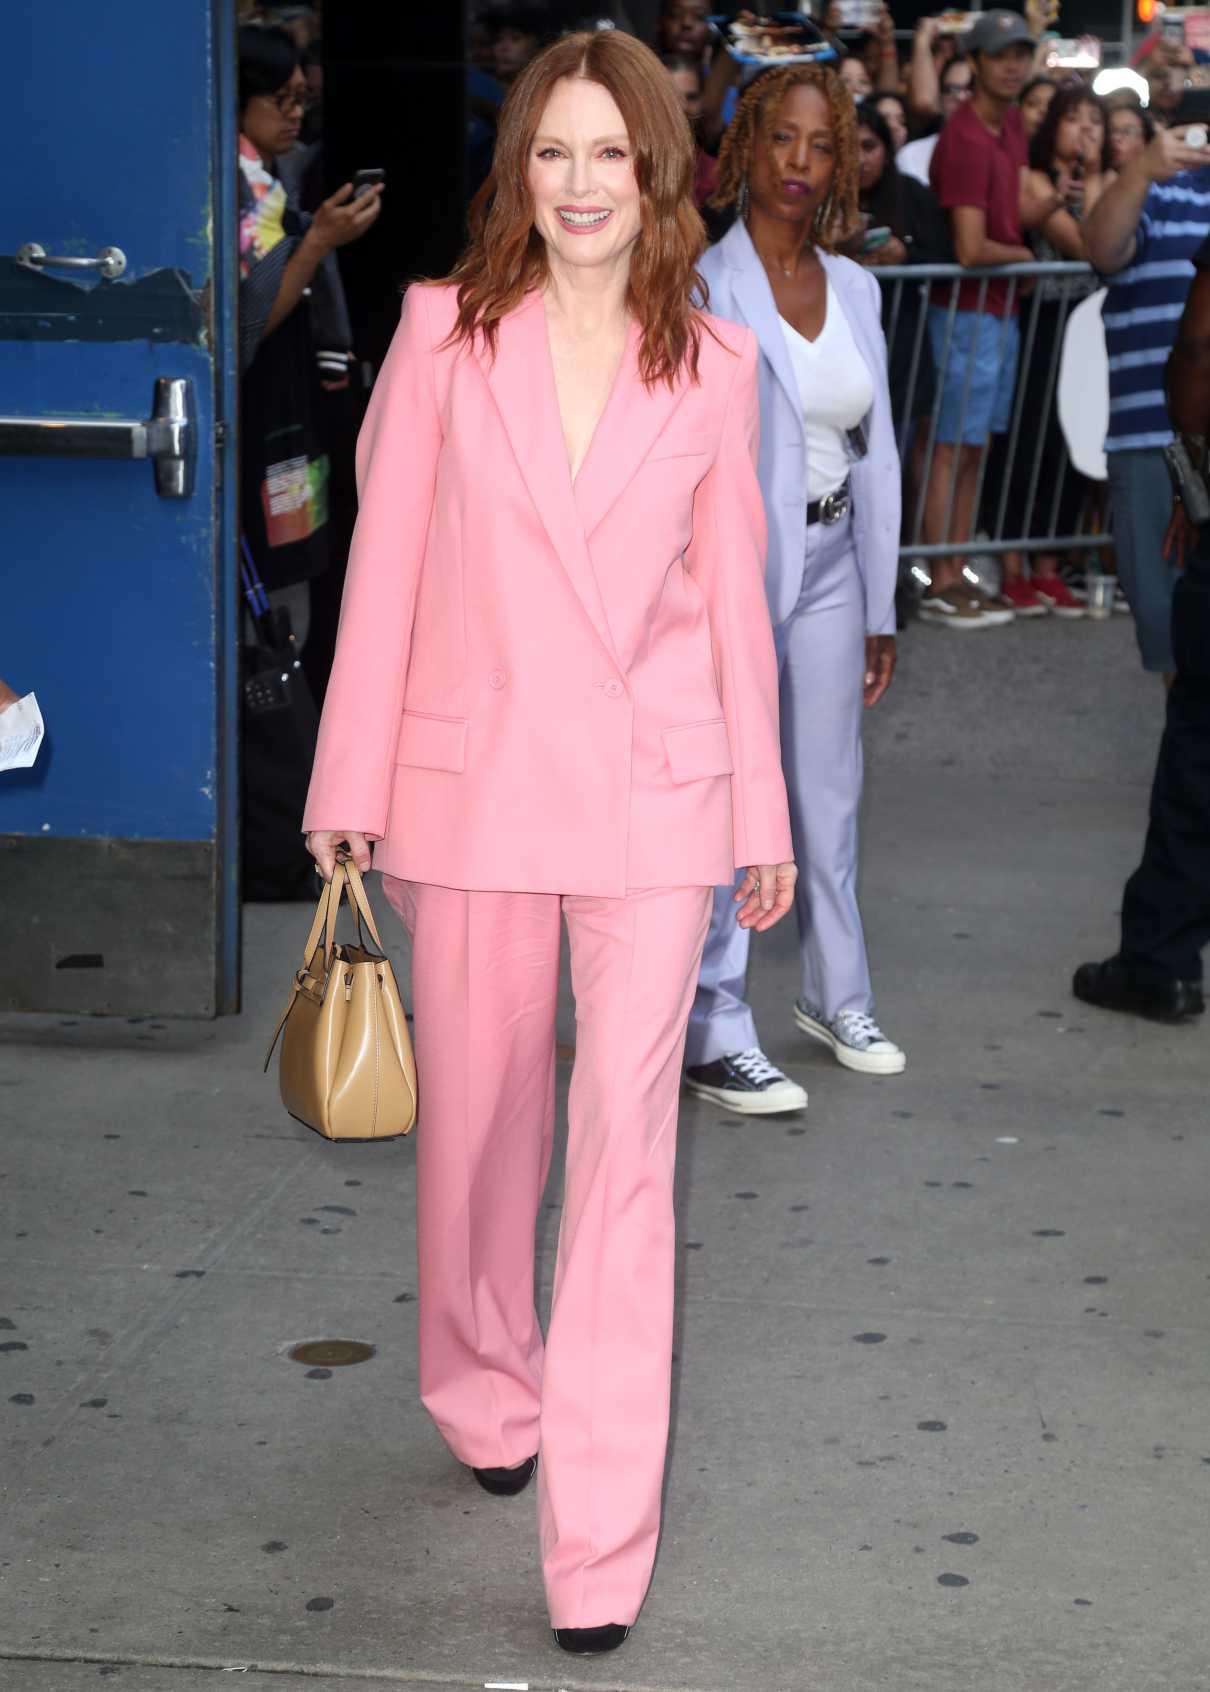 Julianne Moore in a Pink Suit